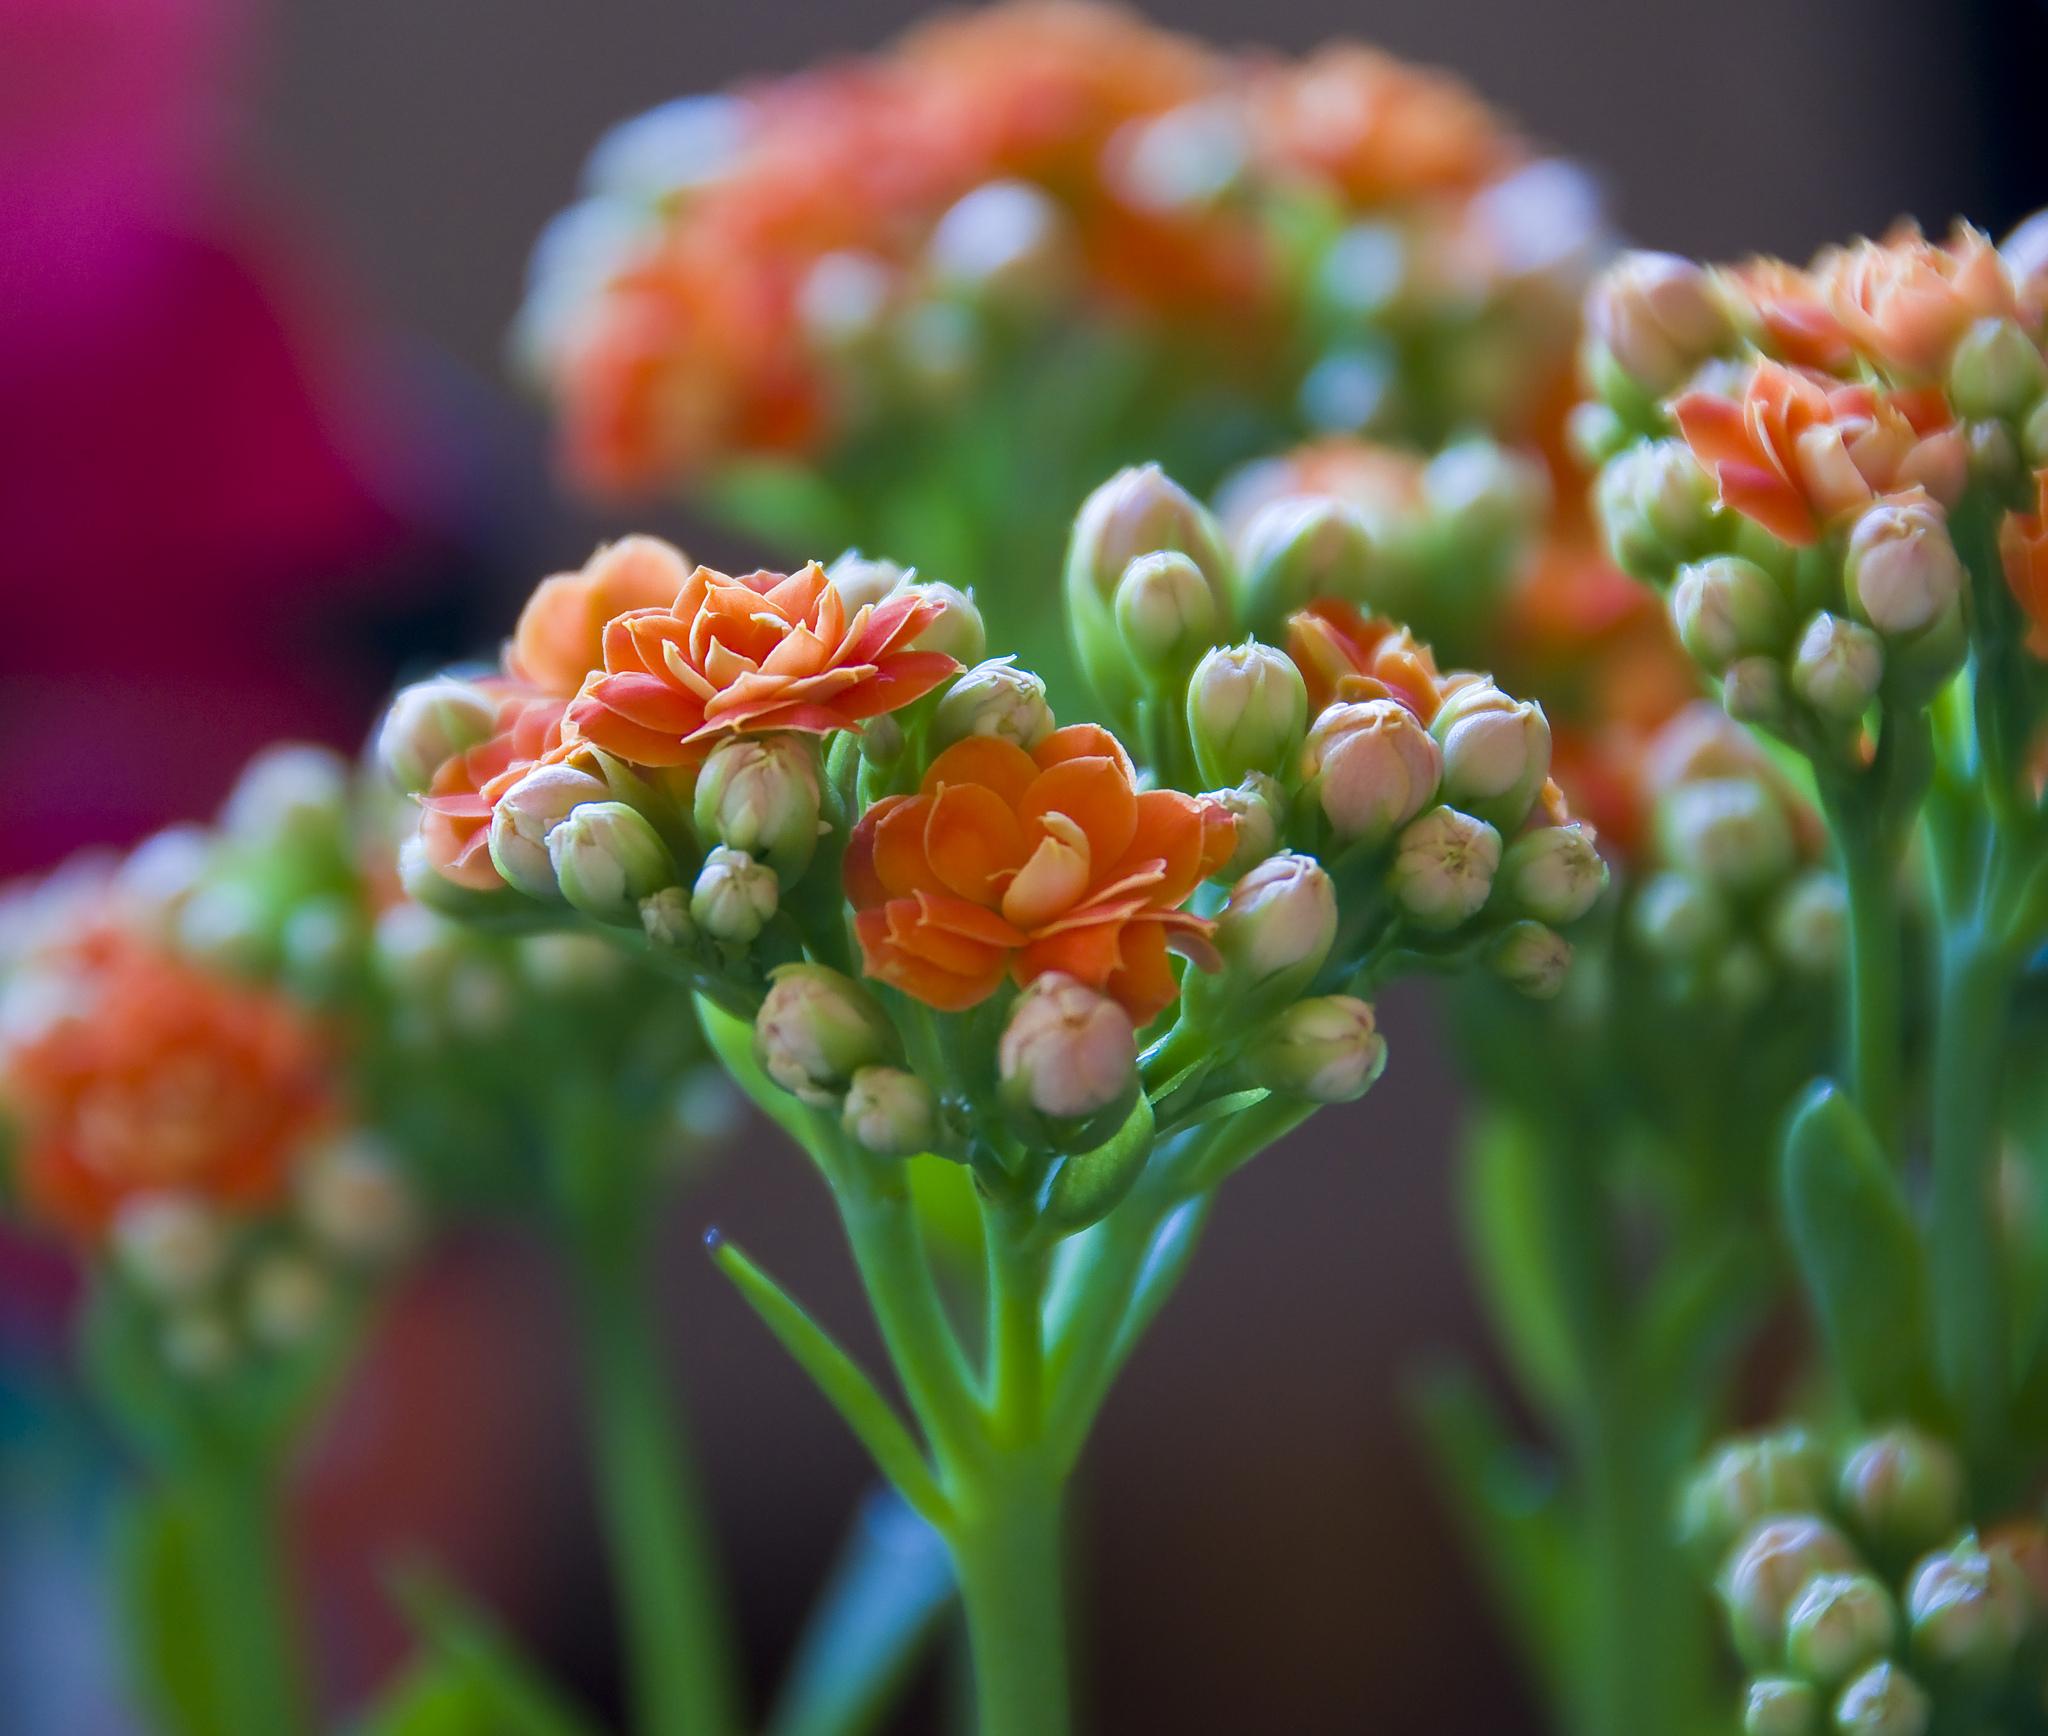 Хрупкие соцветия каланхоэ очень красивые благодаря своему яркому цвету